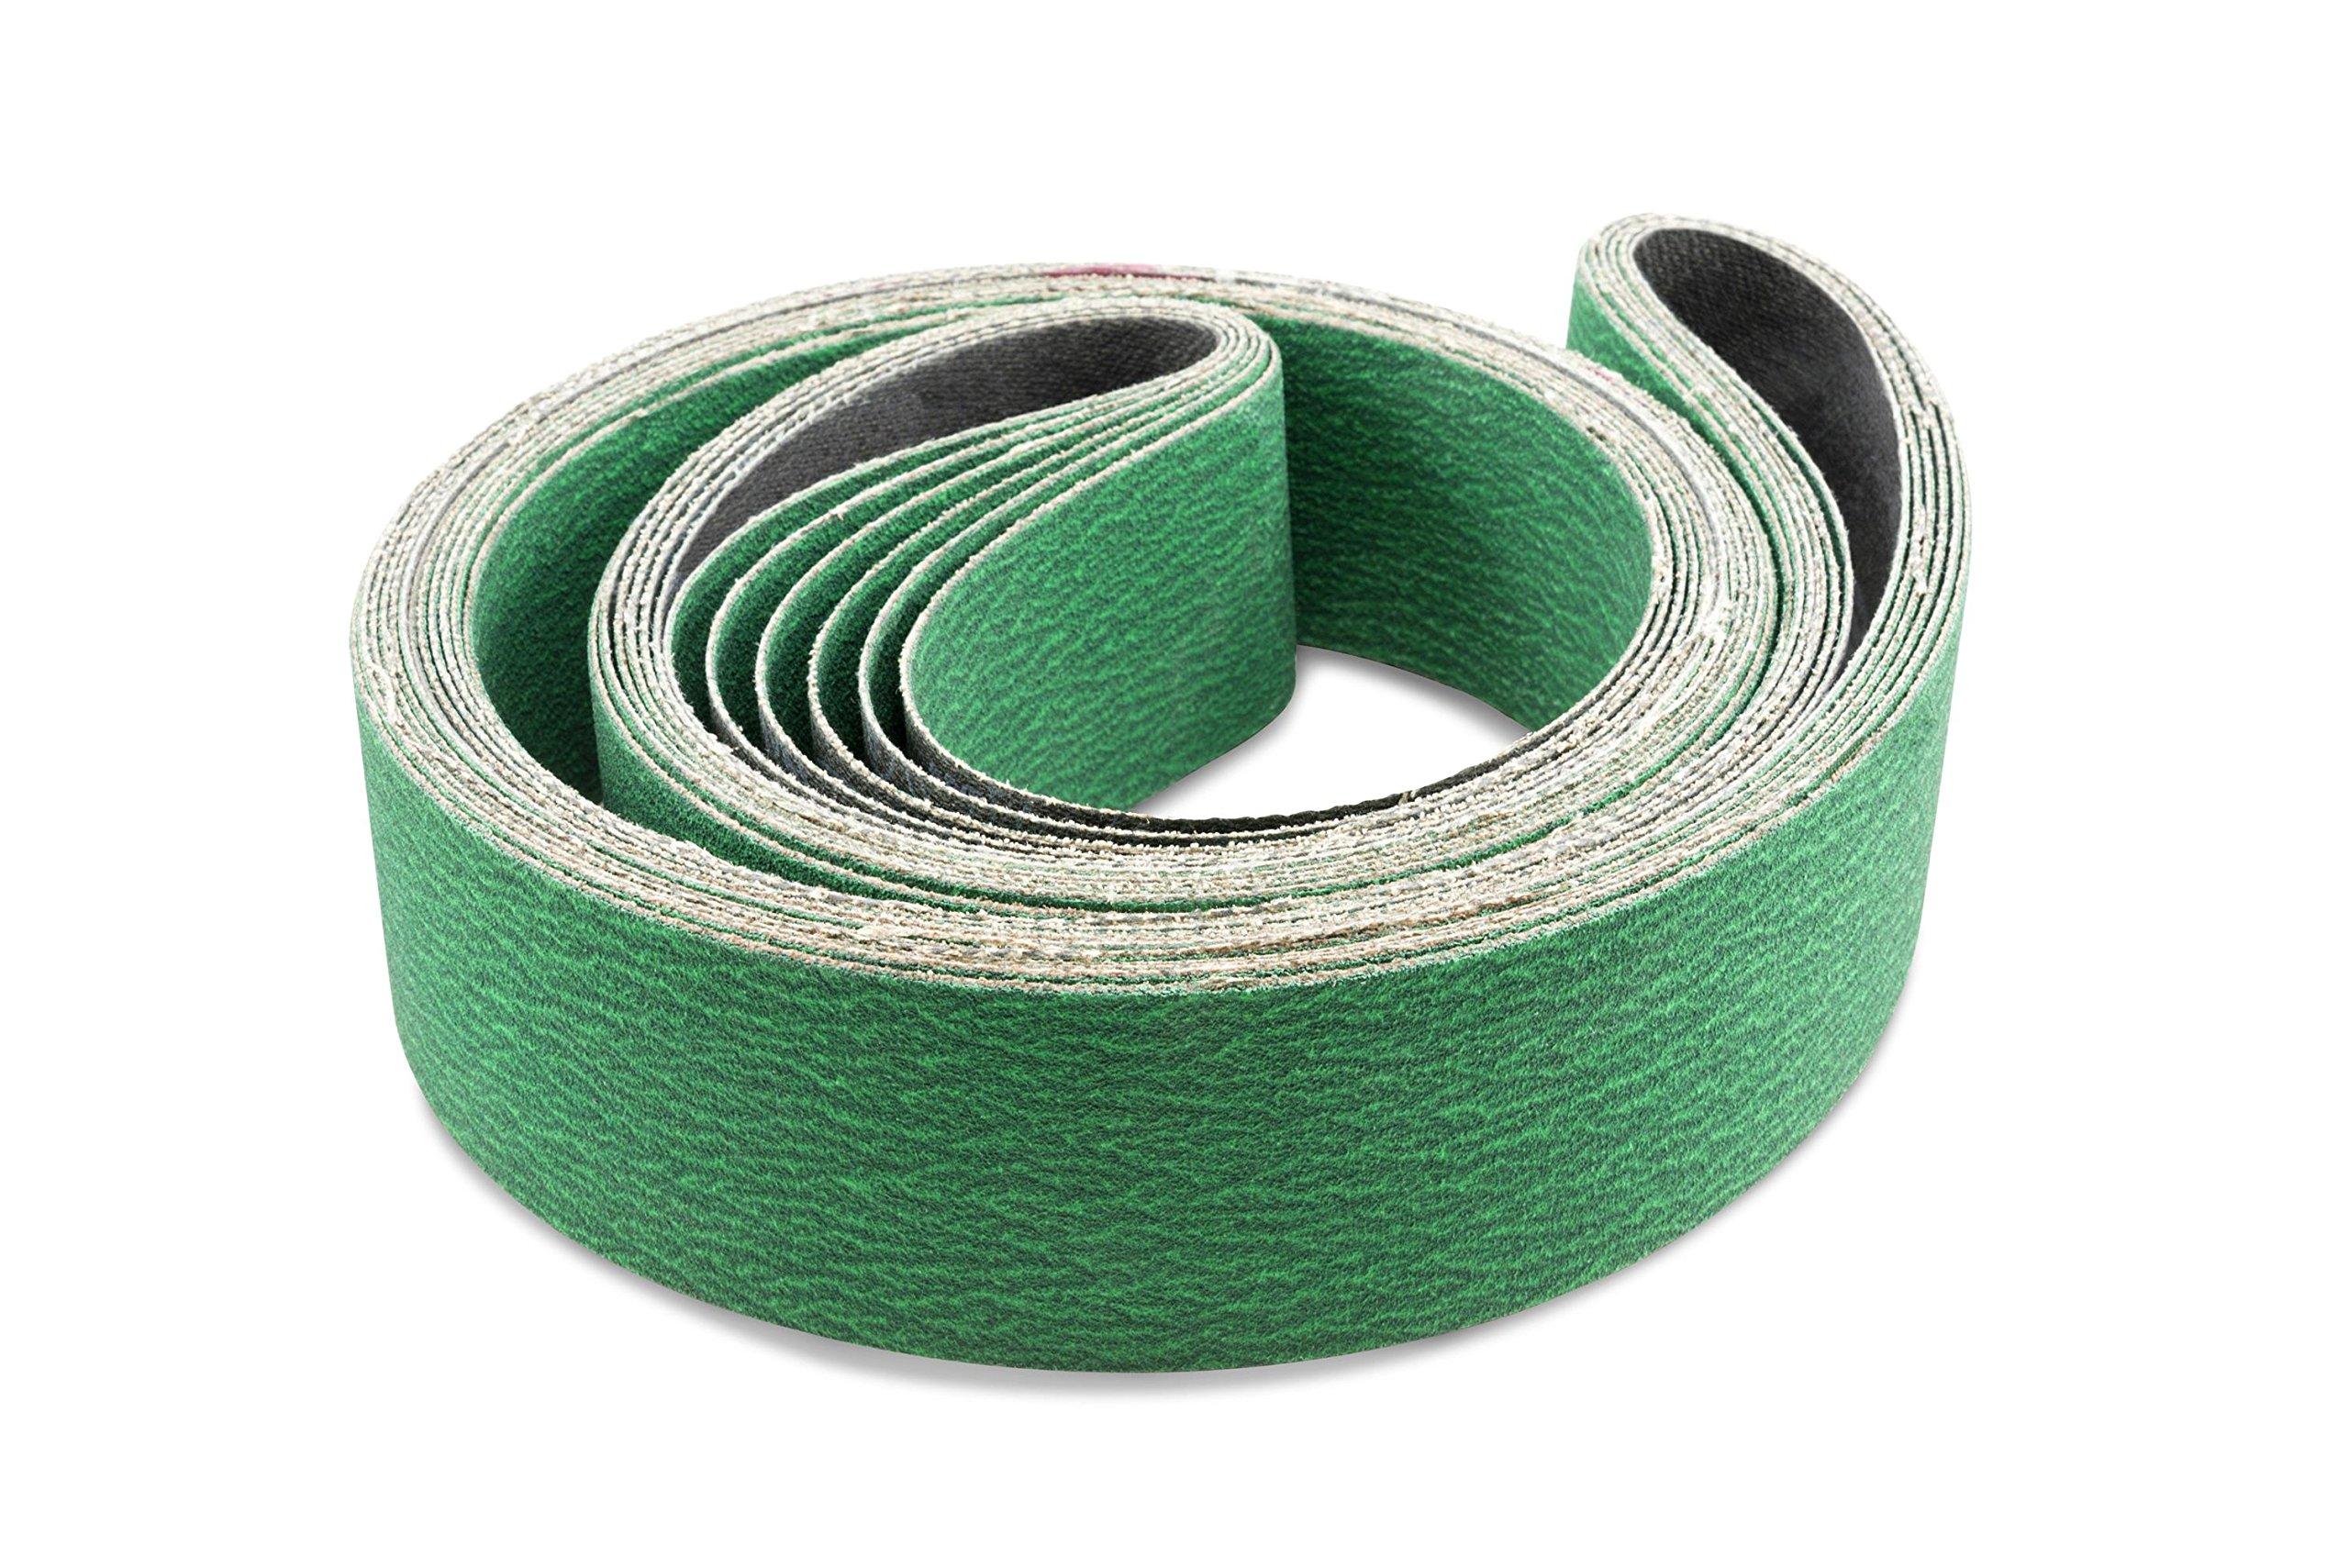 2 X 72 Inch 80 Grit Metal Grinding Zirconia Sanding Belts, 6 Pack